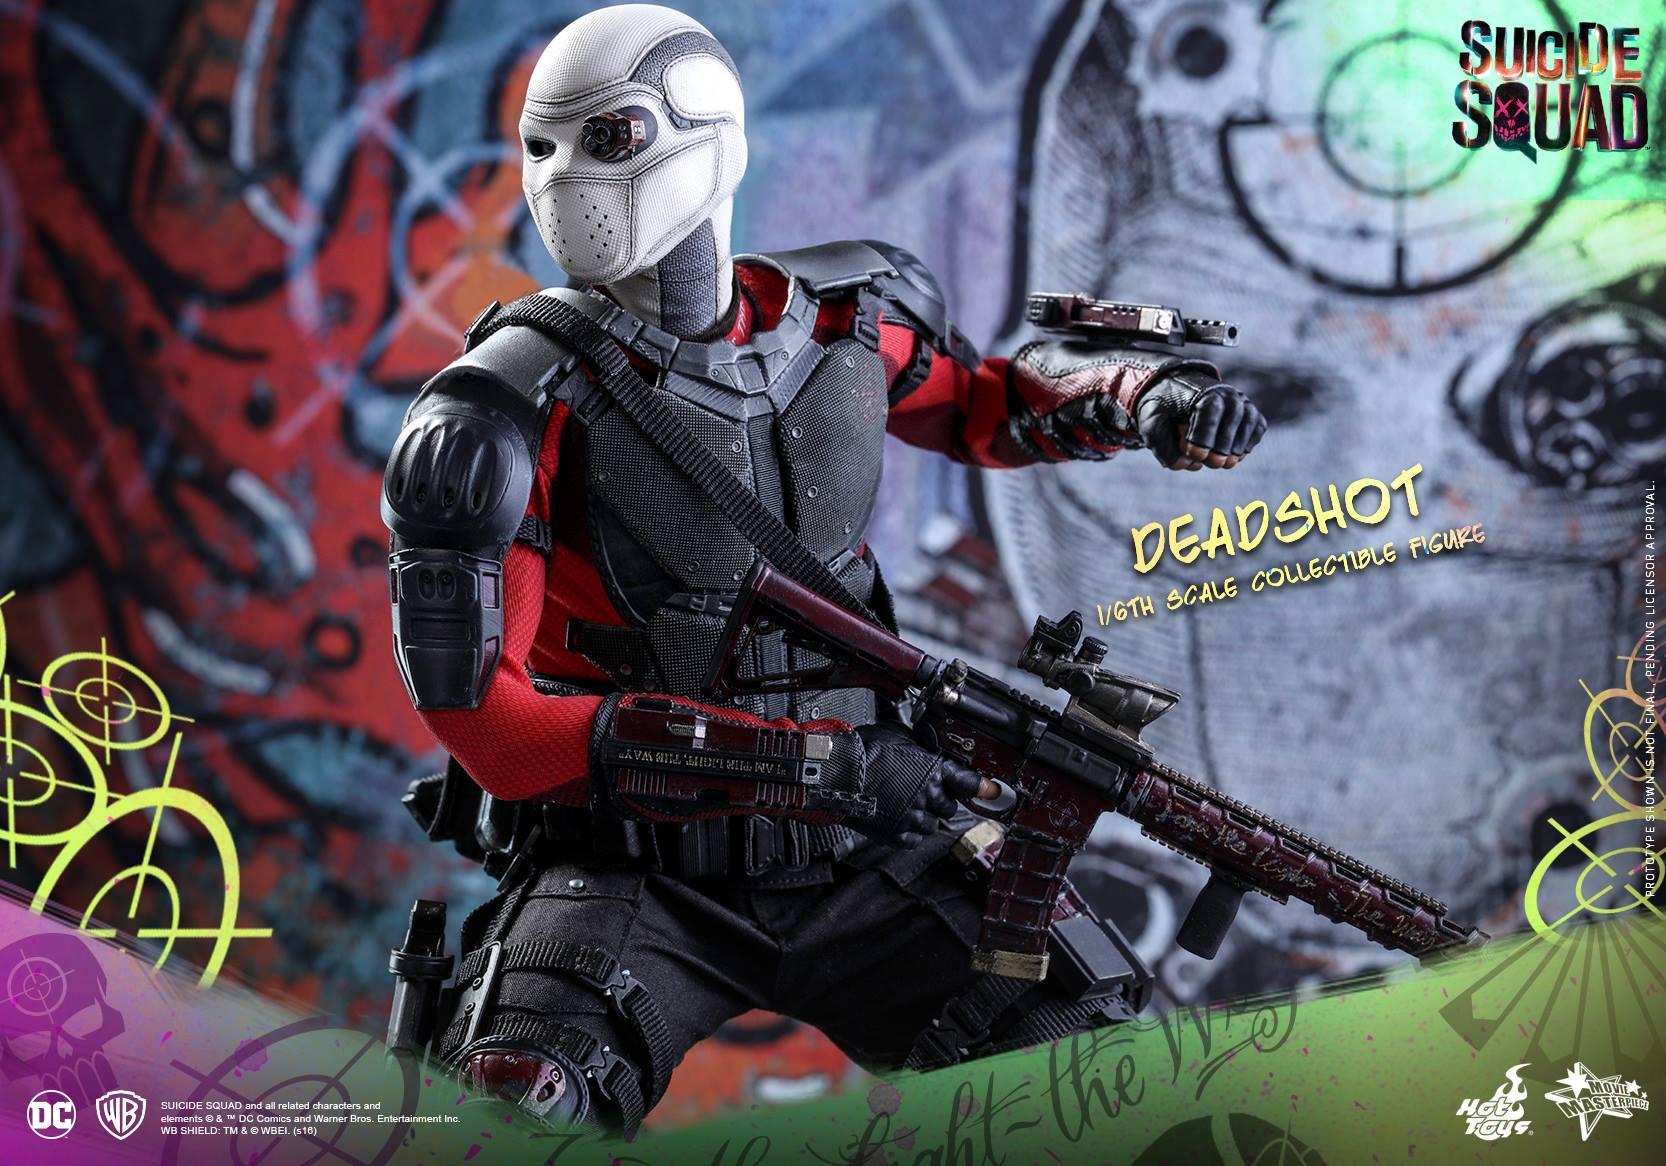 Hot-Toys-Suicide-Squad-Deadshot-19